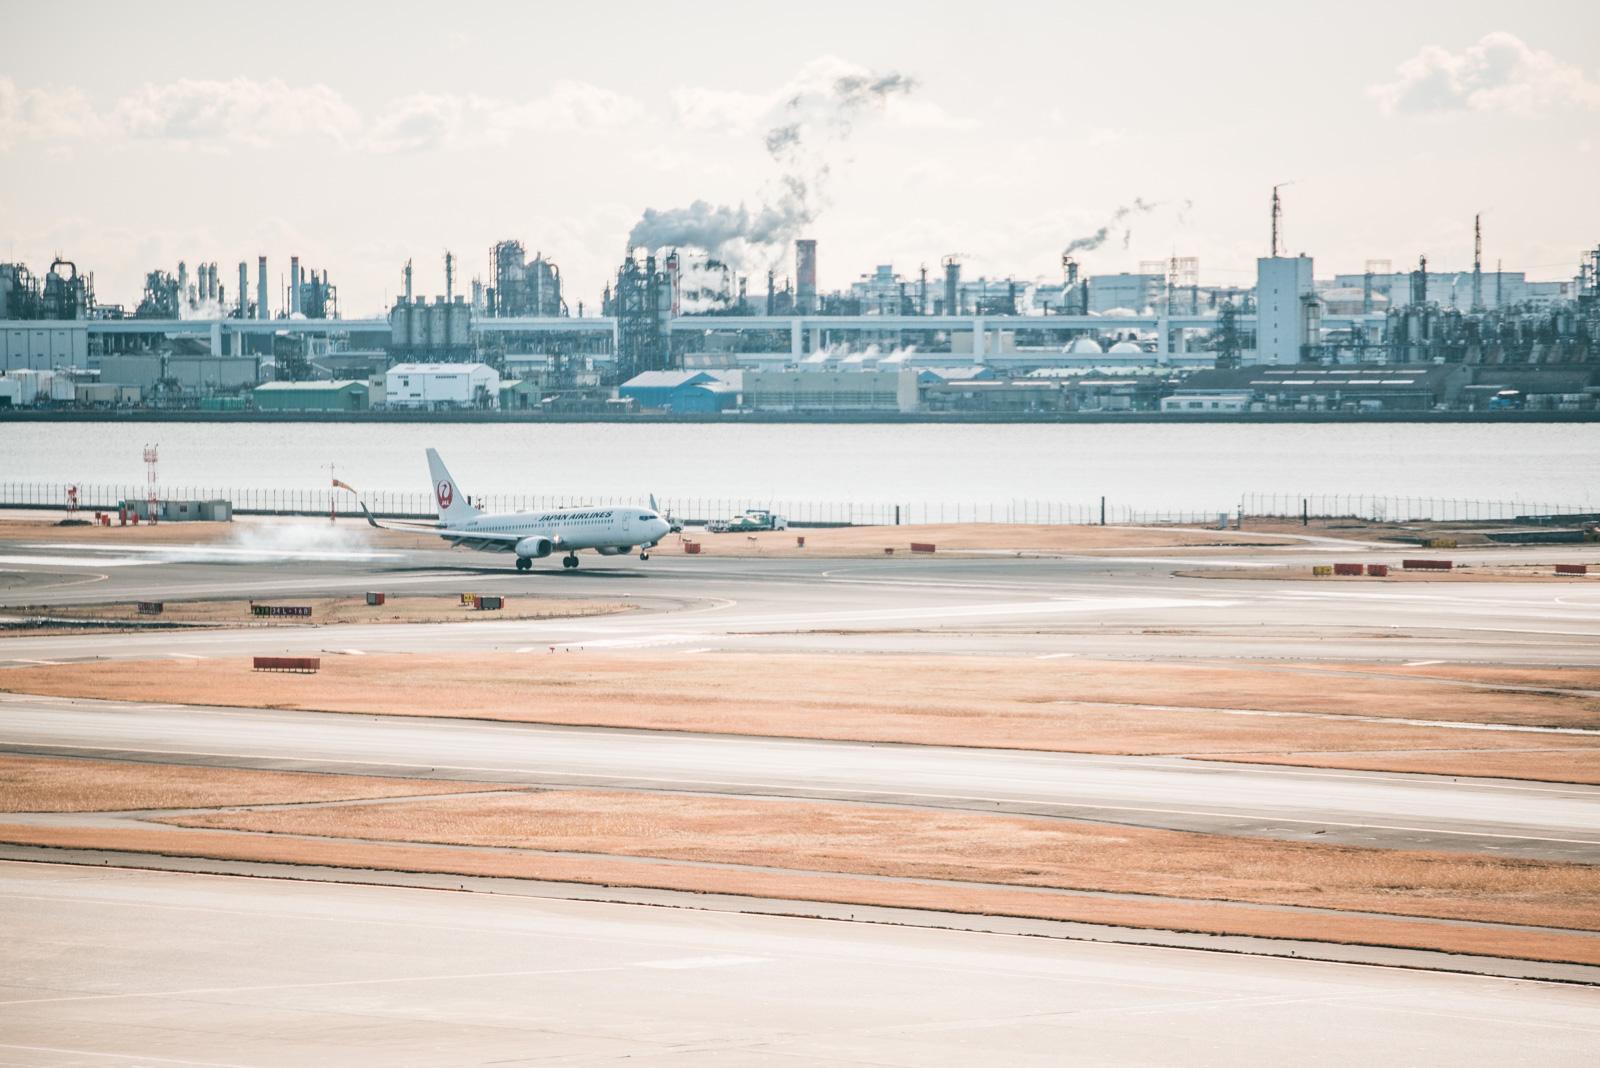 久々の羽田空港、第1旅客ターミナルから乾いた街を見ながら